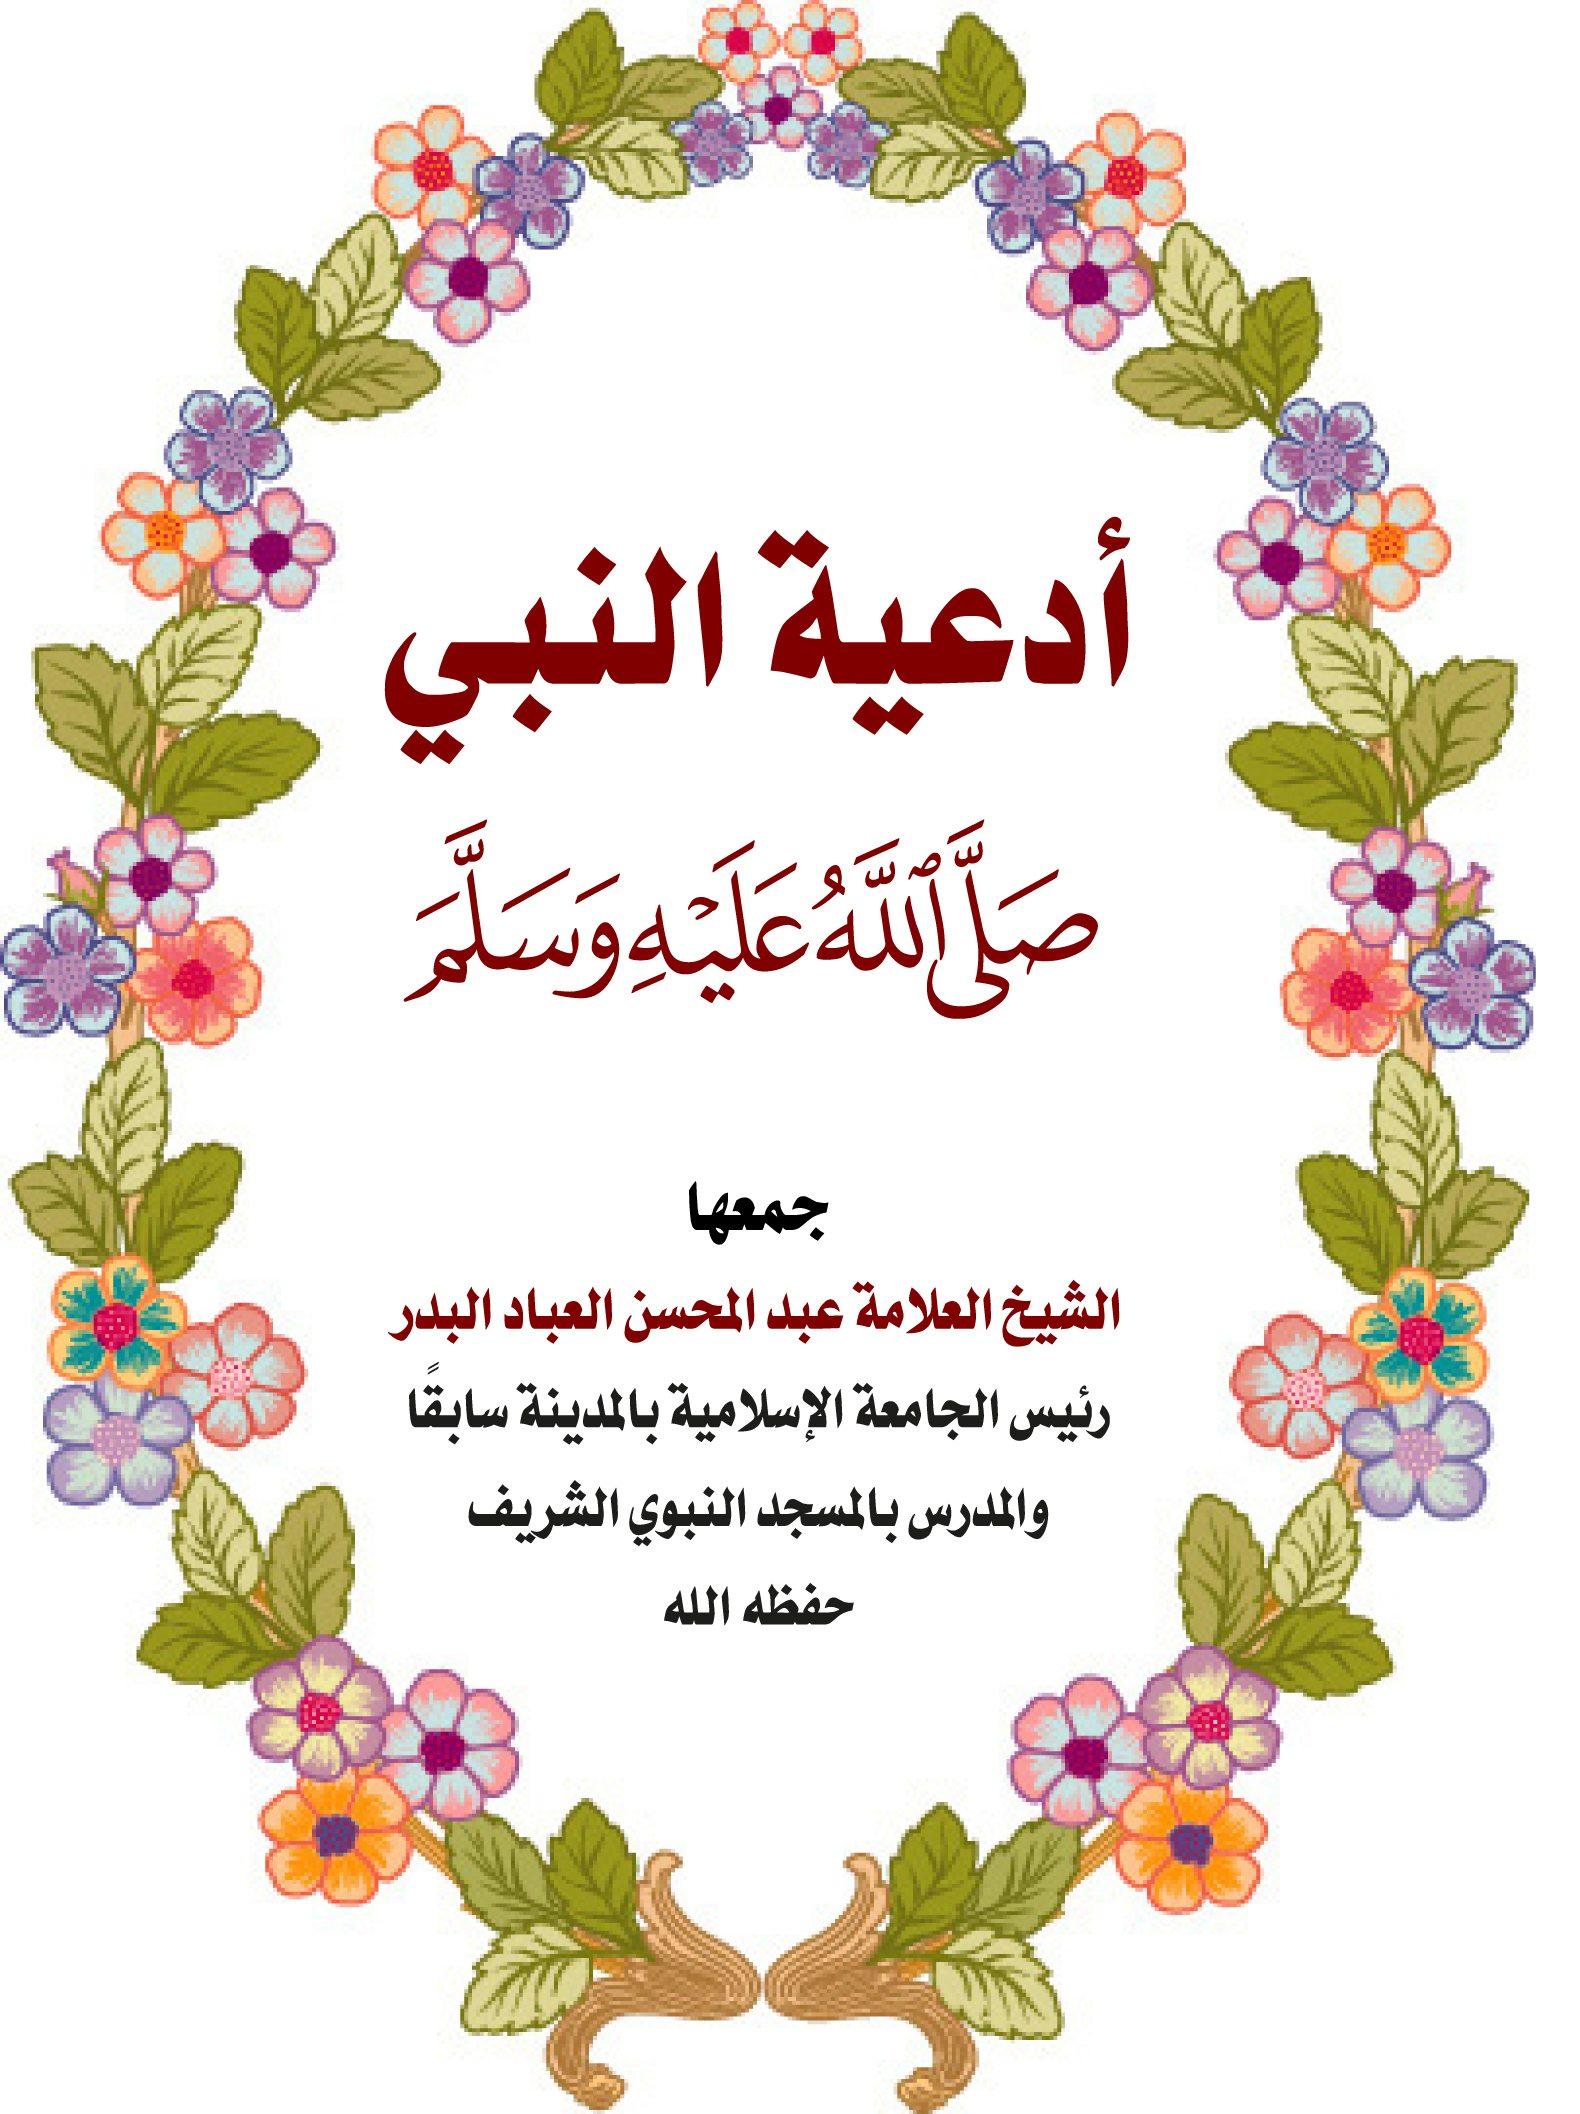 أدعية النبي